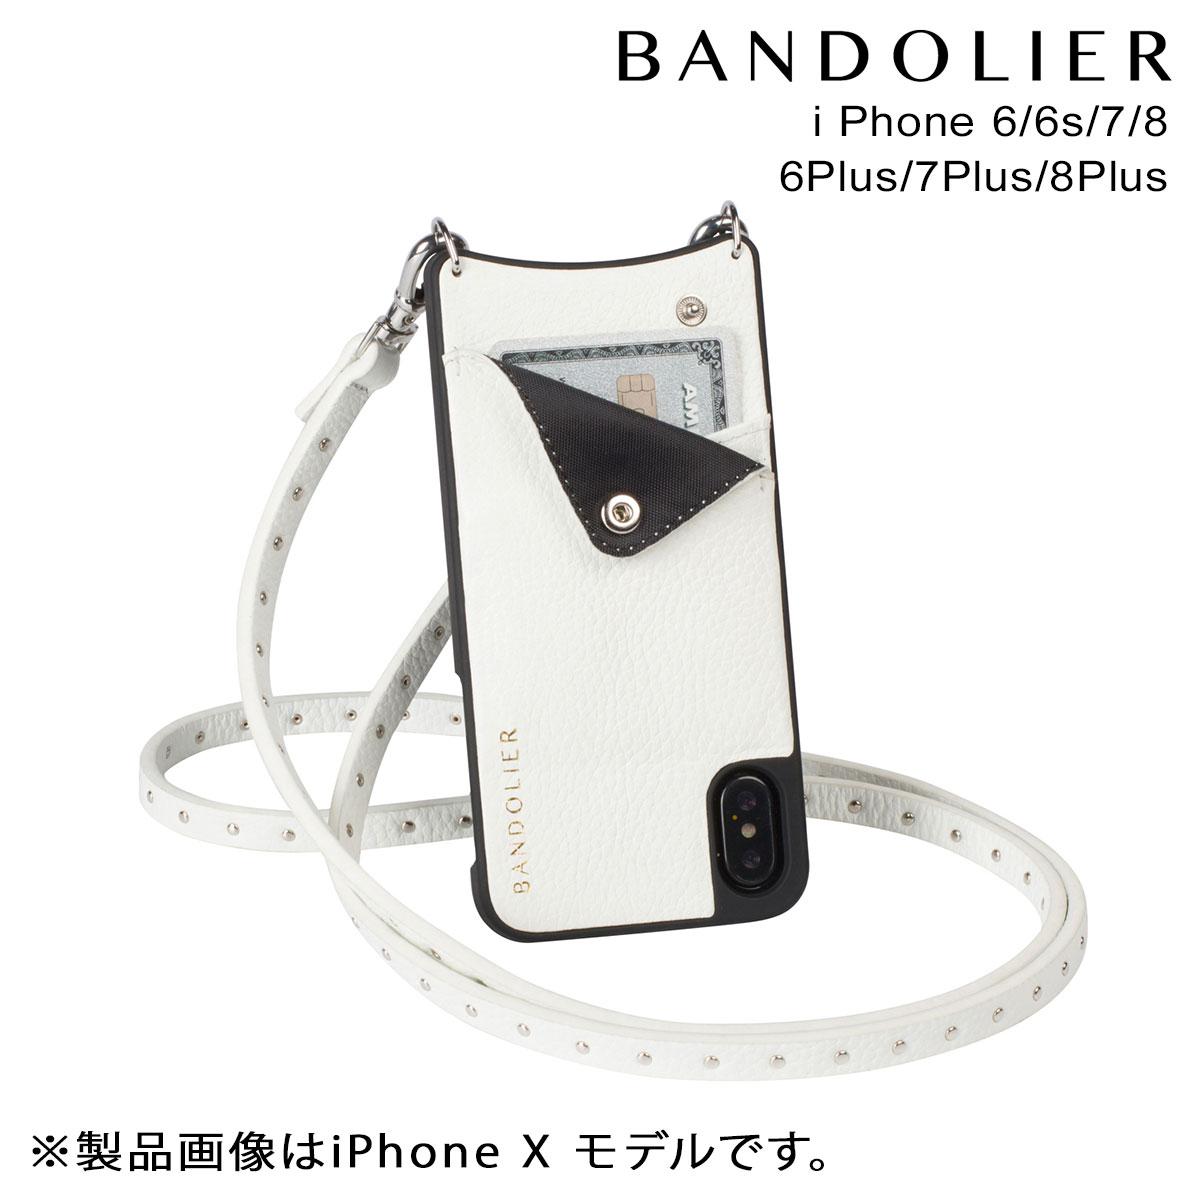 高い品質 バンドリヤー BANDOLIER プラス [9/14 iPhone8 iPhone7 7Plus 6s 6s ケース スマホ アイフォン プラス NATALIE WHITE レザー メンズ レディース [9/14 追加入荷], B&BLife:d469fbbf --- canoncity.azurewebsites.net